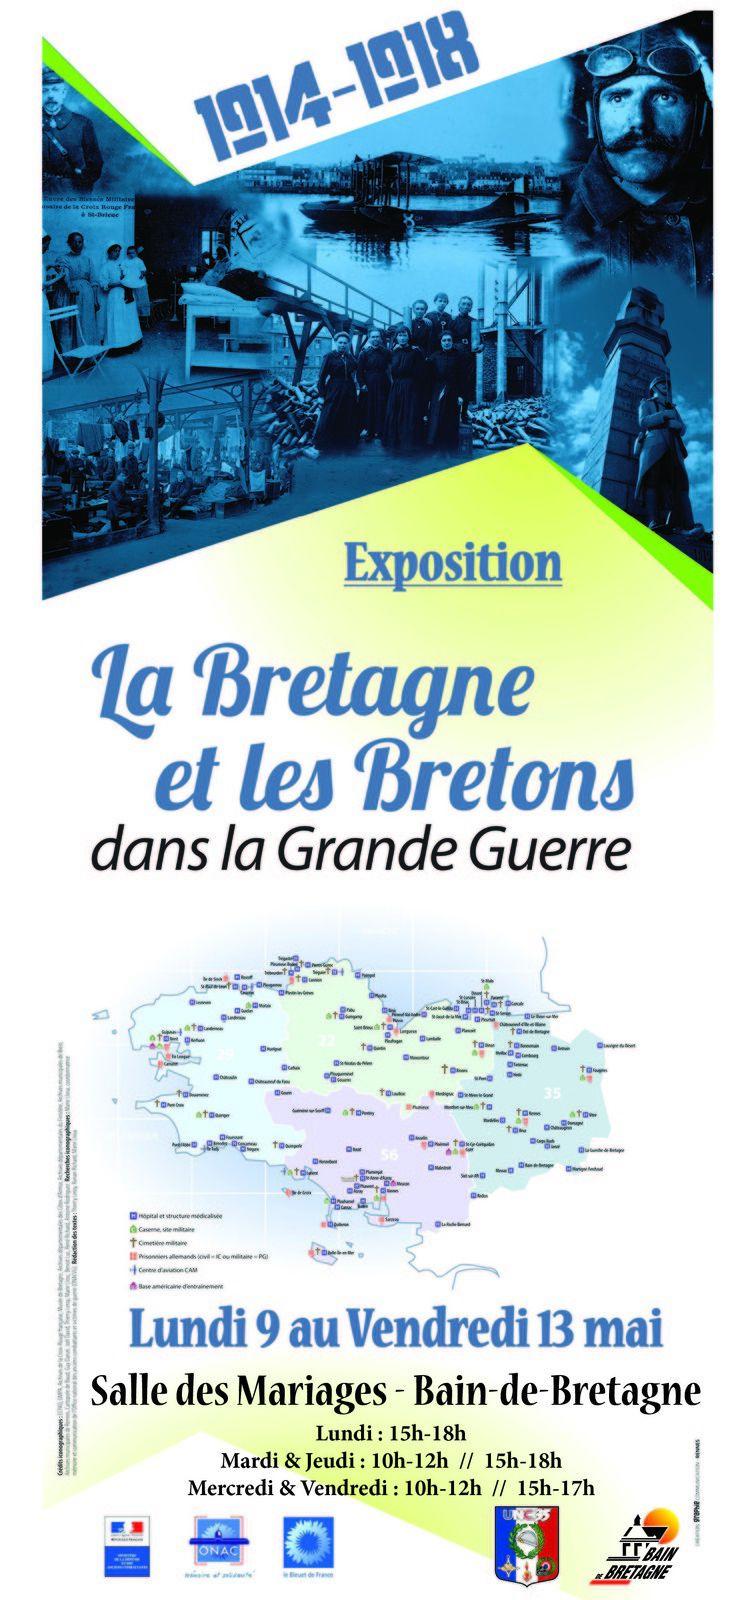 du 9 au 13 mai une exposition autour du thème &quot&#x3B;la Bretagne et les bretons dans la grande guerre&quot&#x3B;.